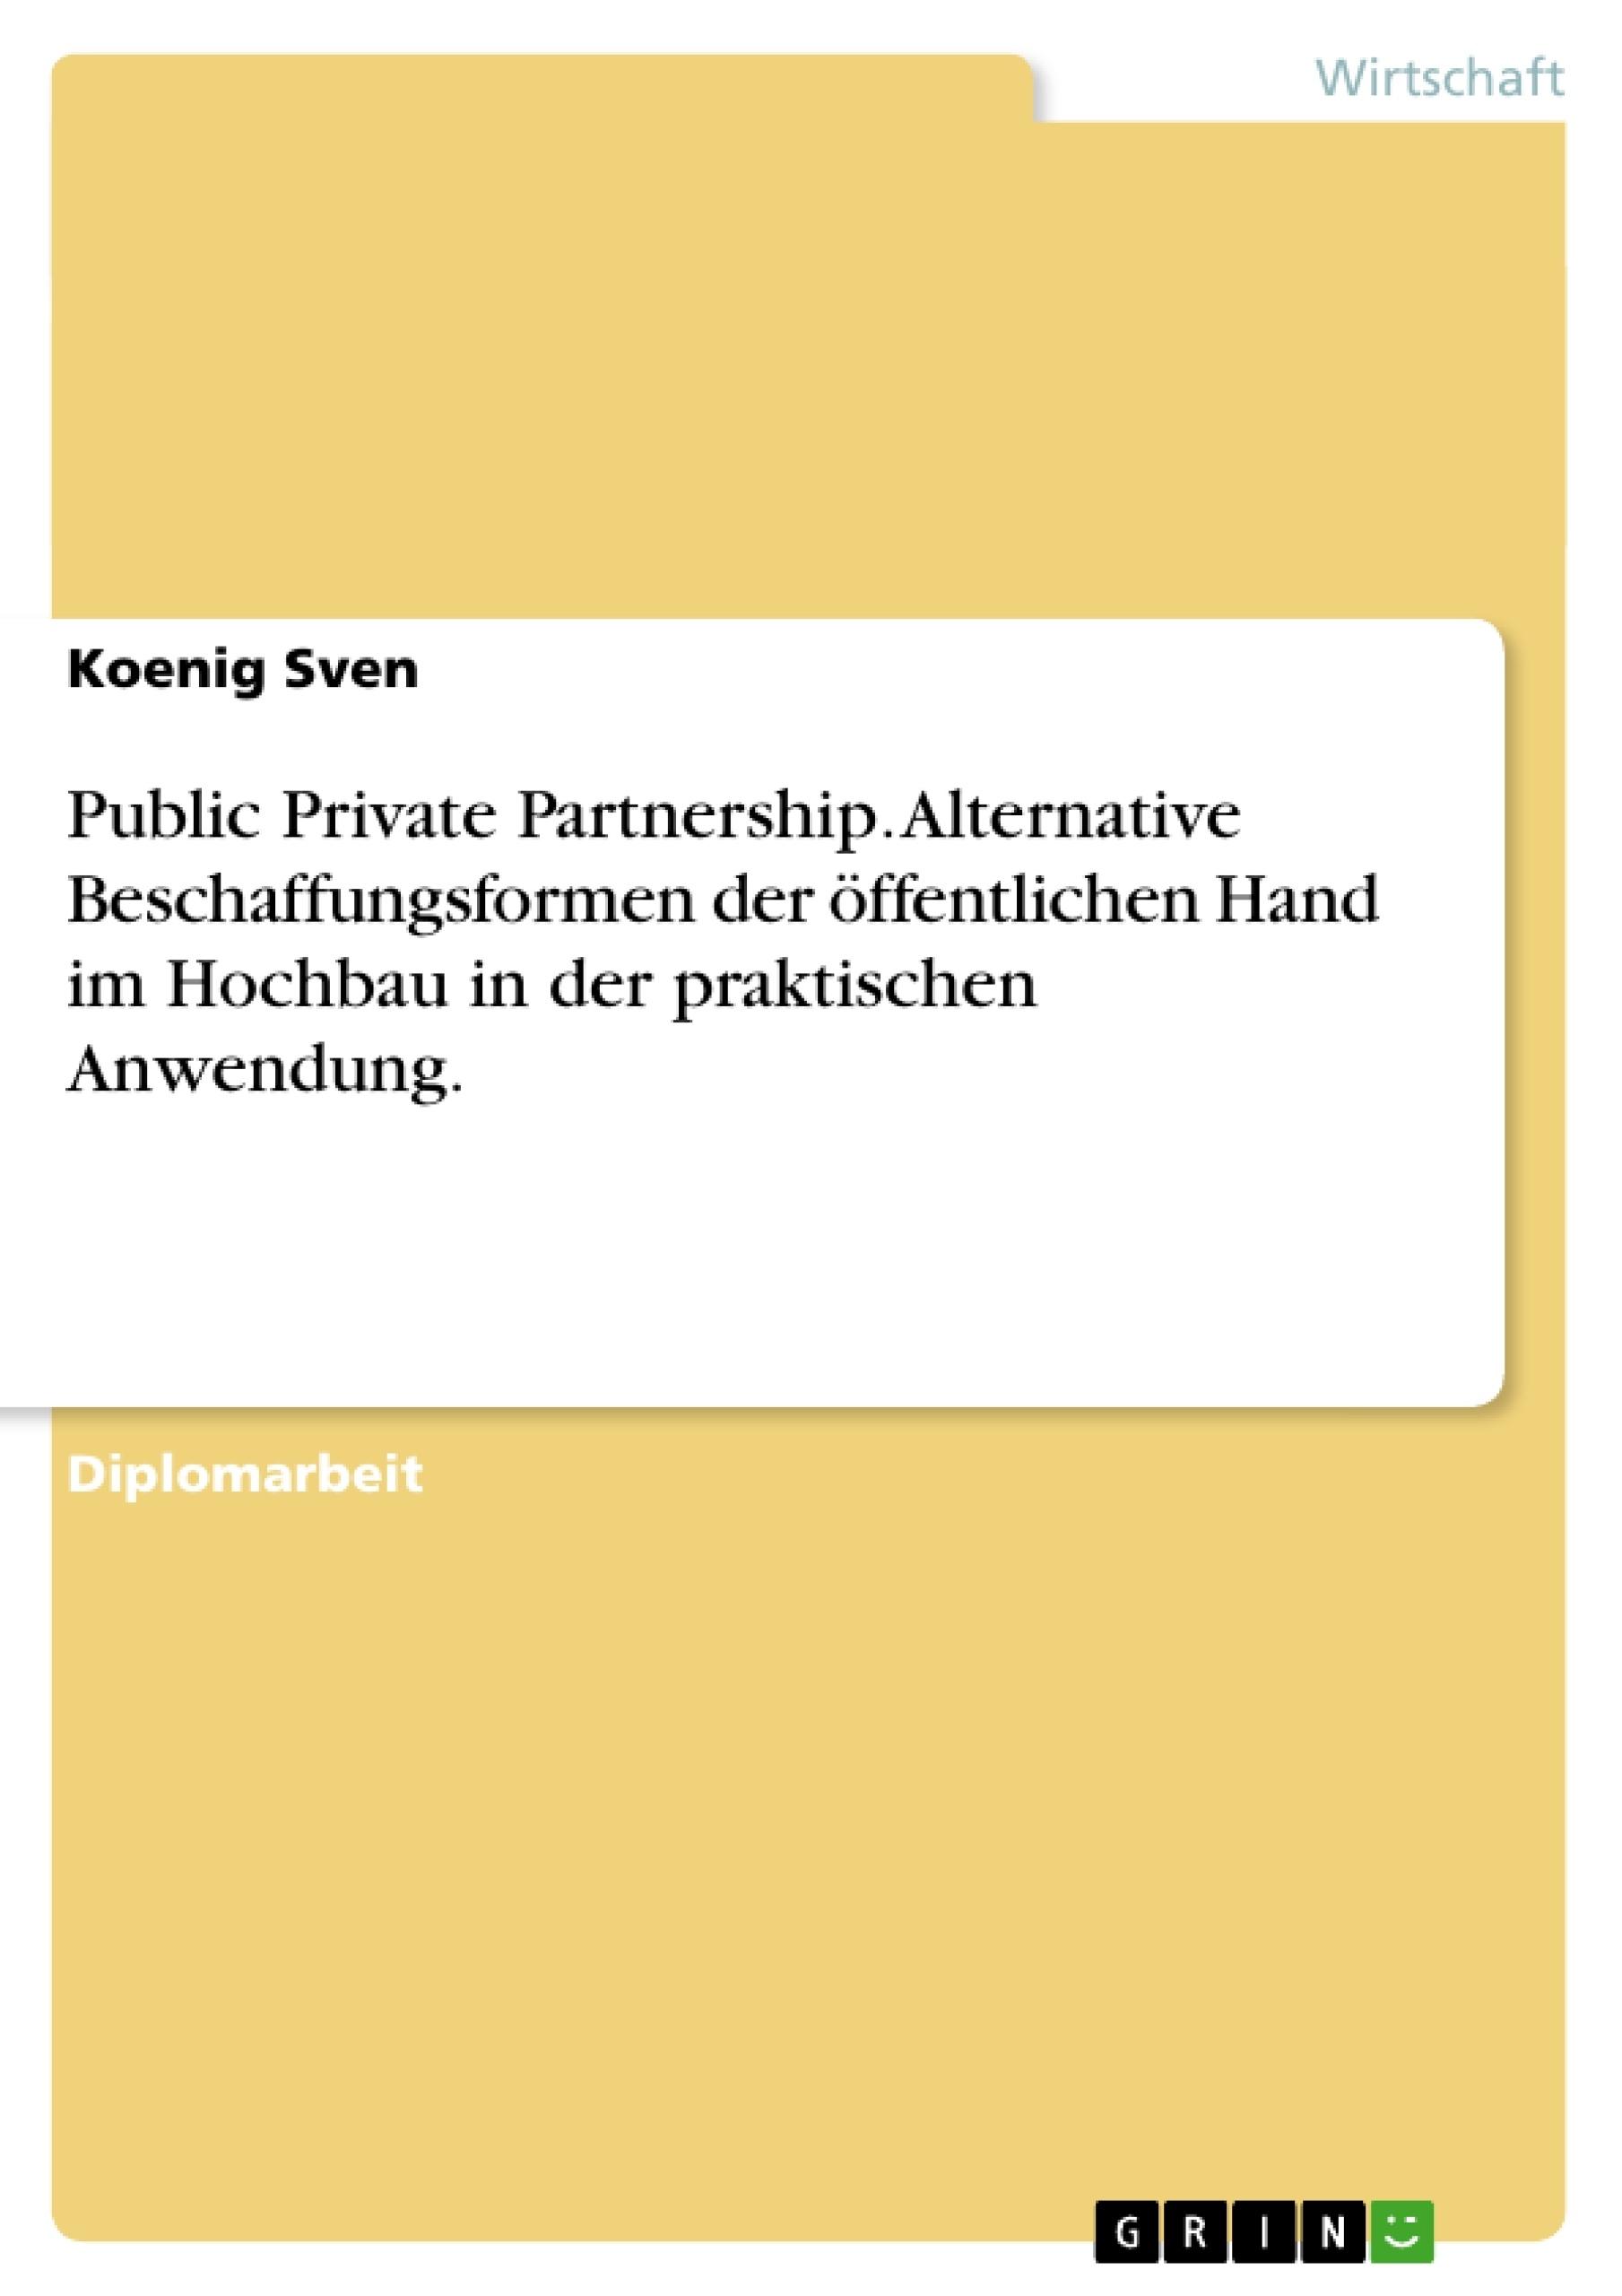 Titel: Public Private Partnership. Alternative Beschaffungsformen der öffentlichen Hand im Hochbau in der praktischen Anwendung.